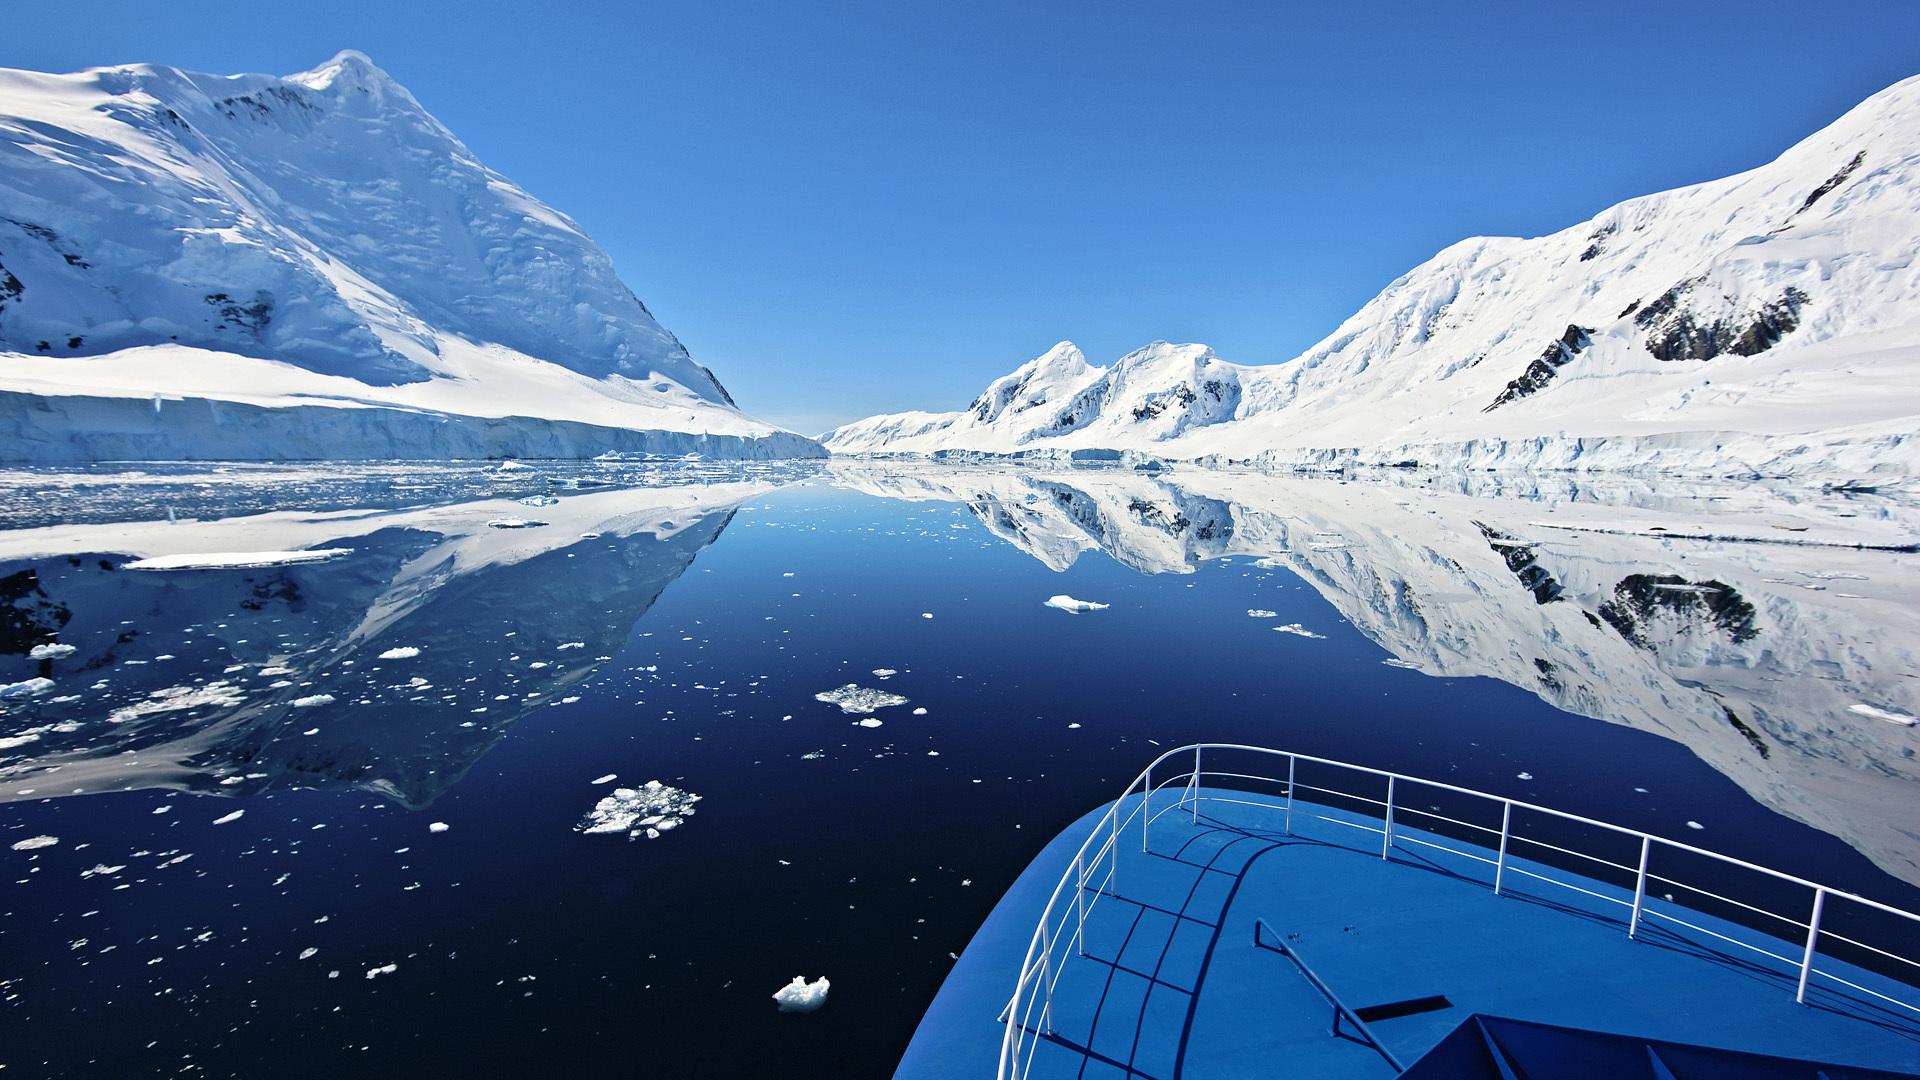 Antártida perdeu 3 trilhões de toneladas de gelo em 25 anos